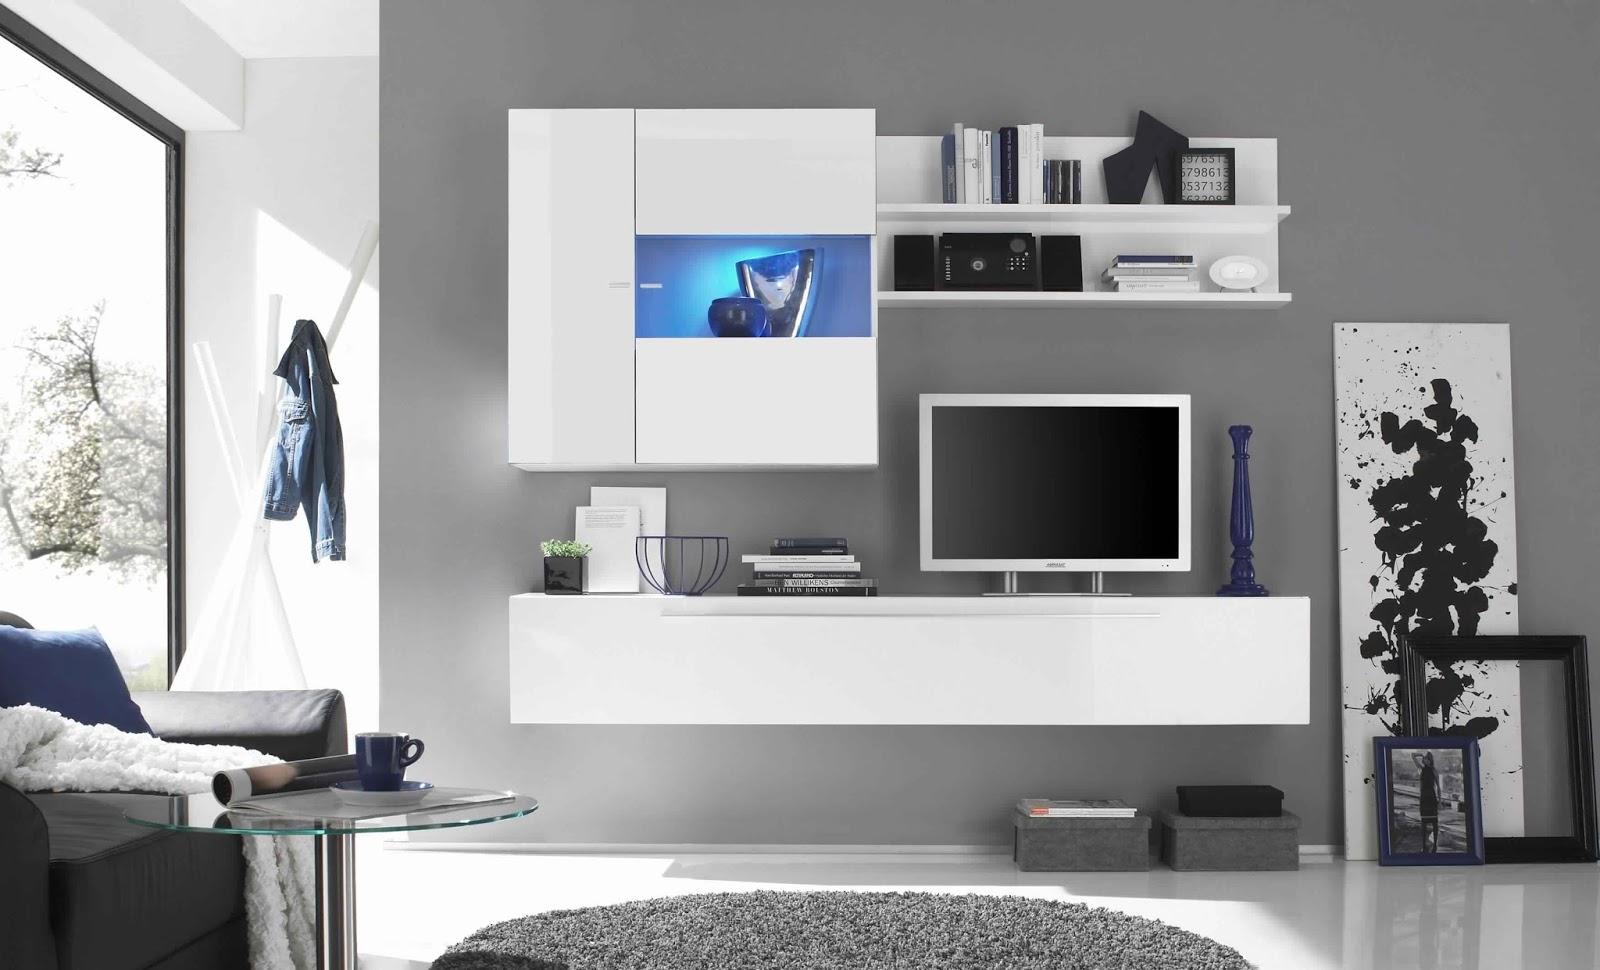 Meuble tv mural alinea meuble tv - Meuble tv mural design ...